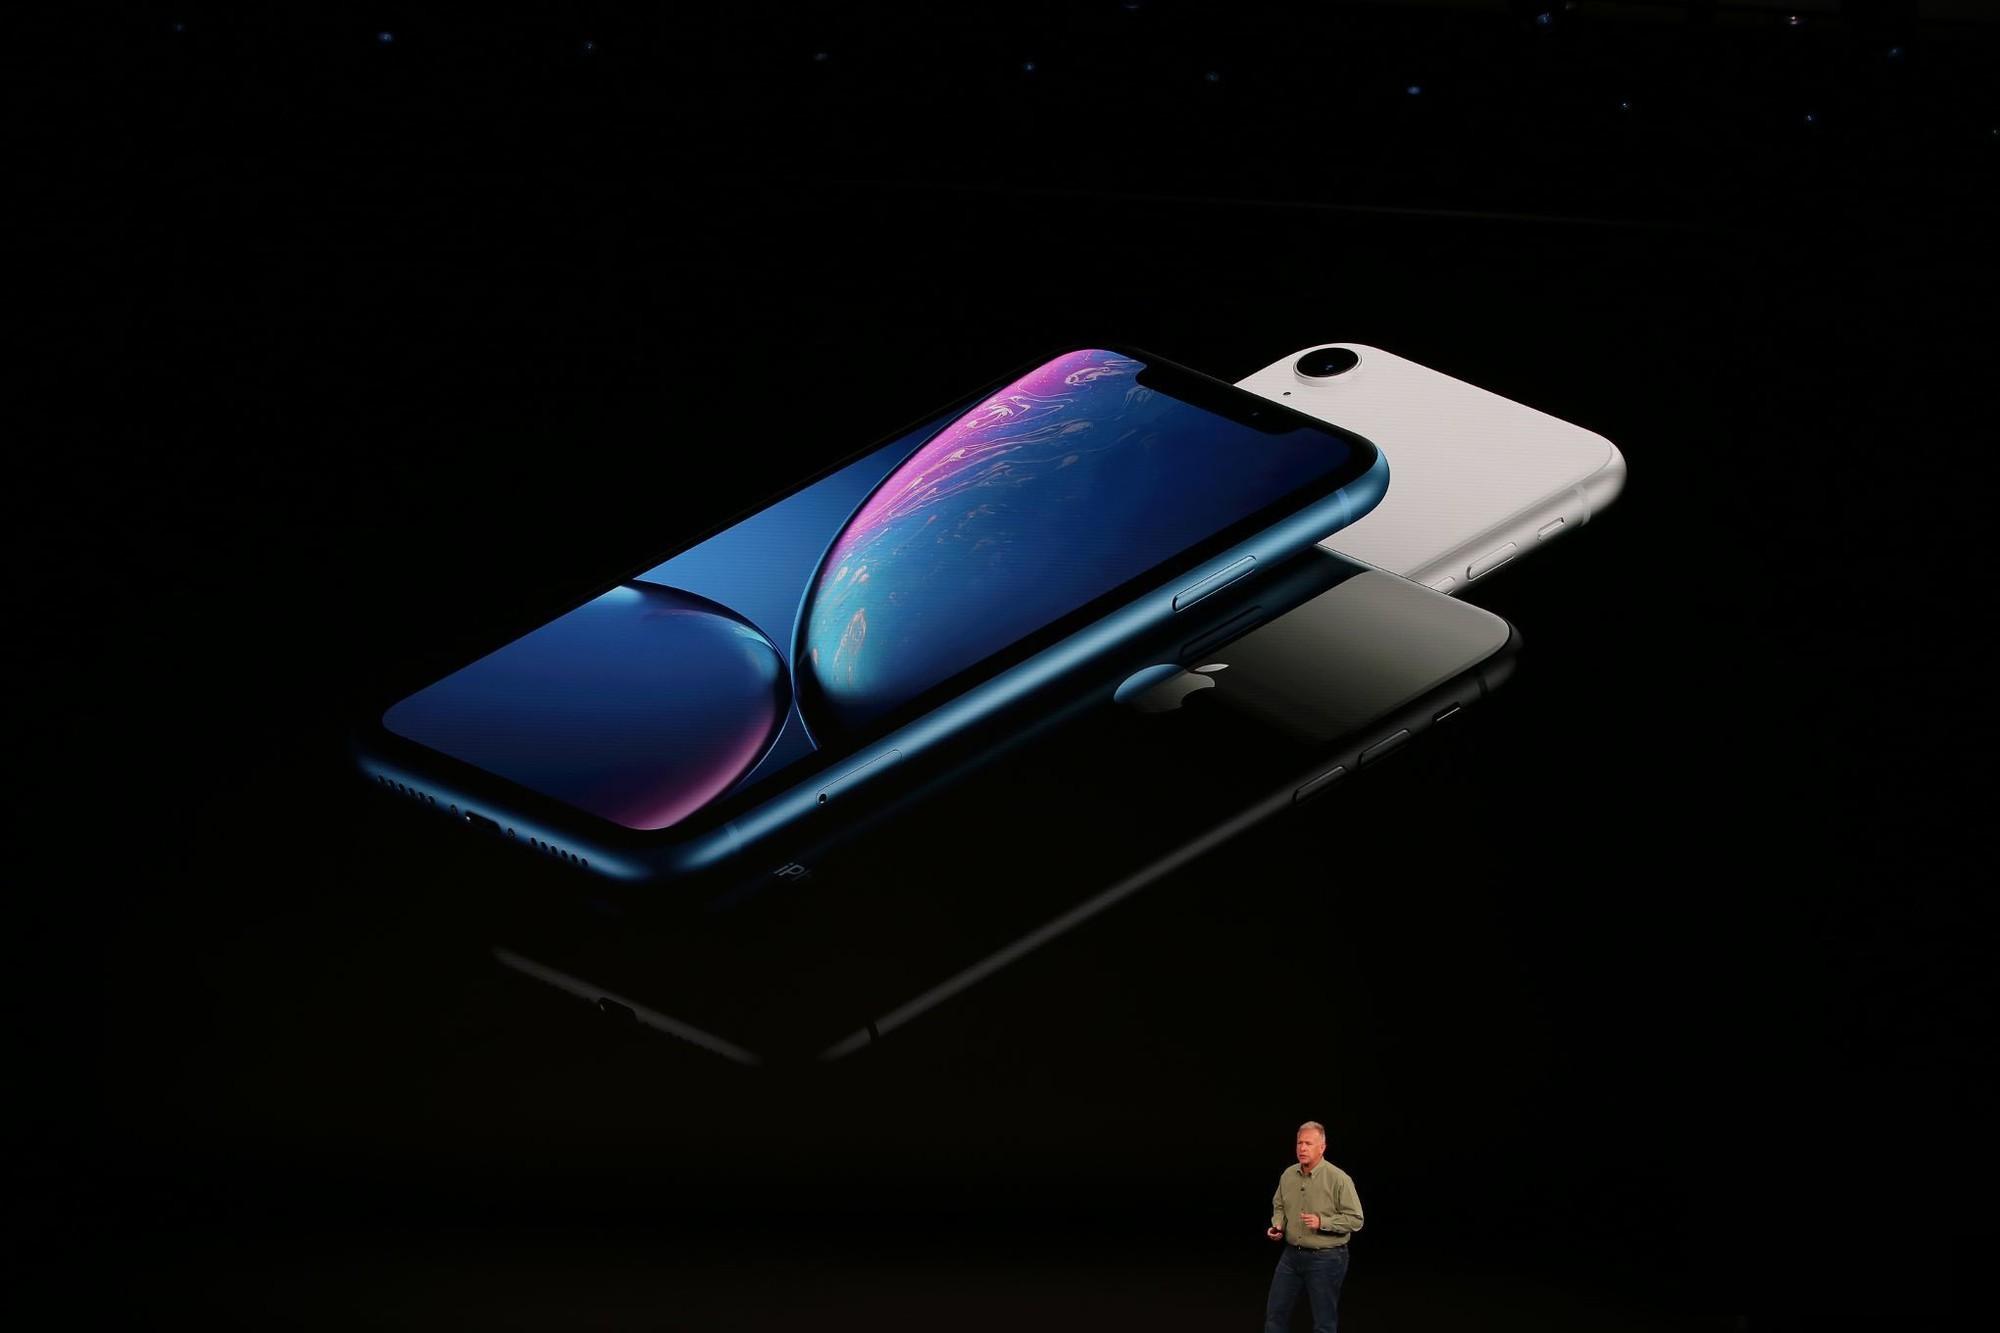 Review iPhone Xr: Nhìn như iPhone Xs nhưng giá iPhone Xr chỉ 17 triệu - Ảnh 2.